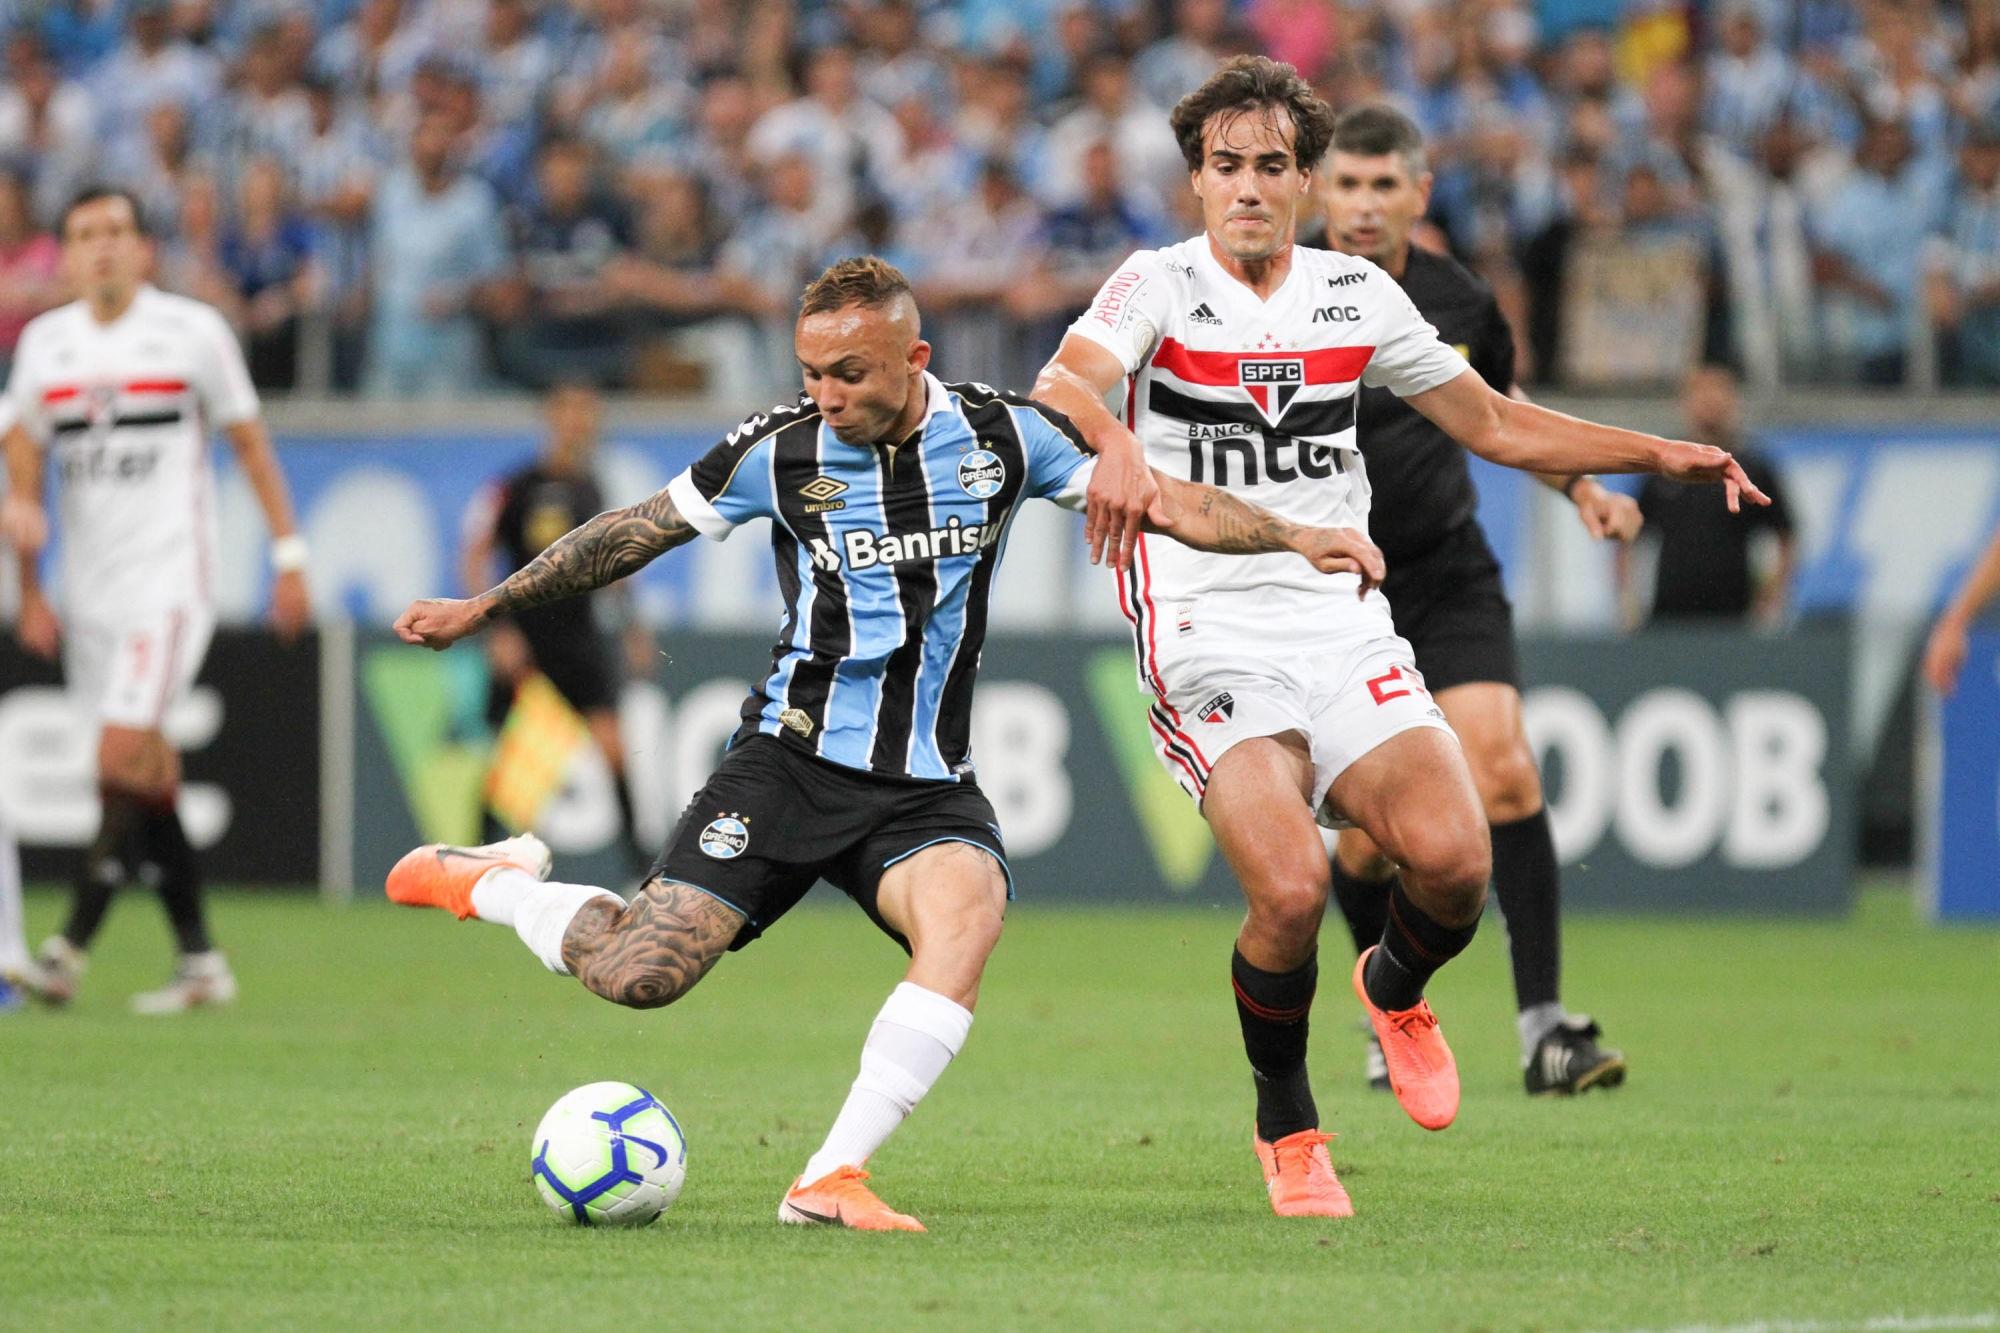 Mercato - Éverton Soares a été proposé au PSG et au Real Madrid, selon Foot Mercato